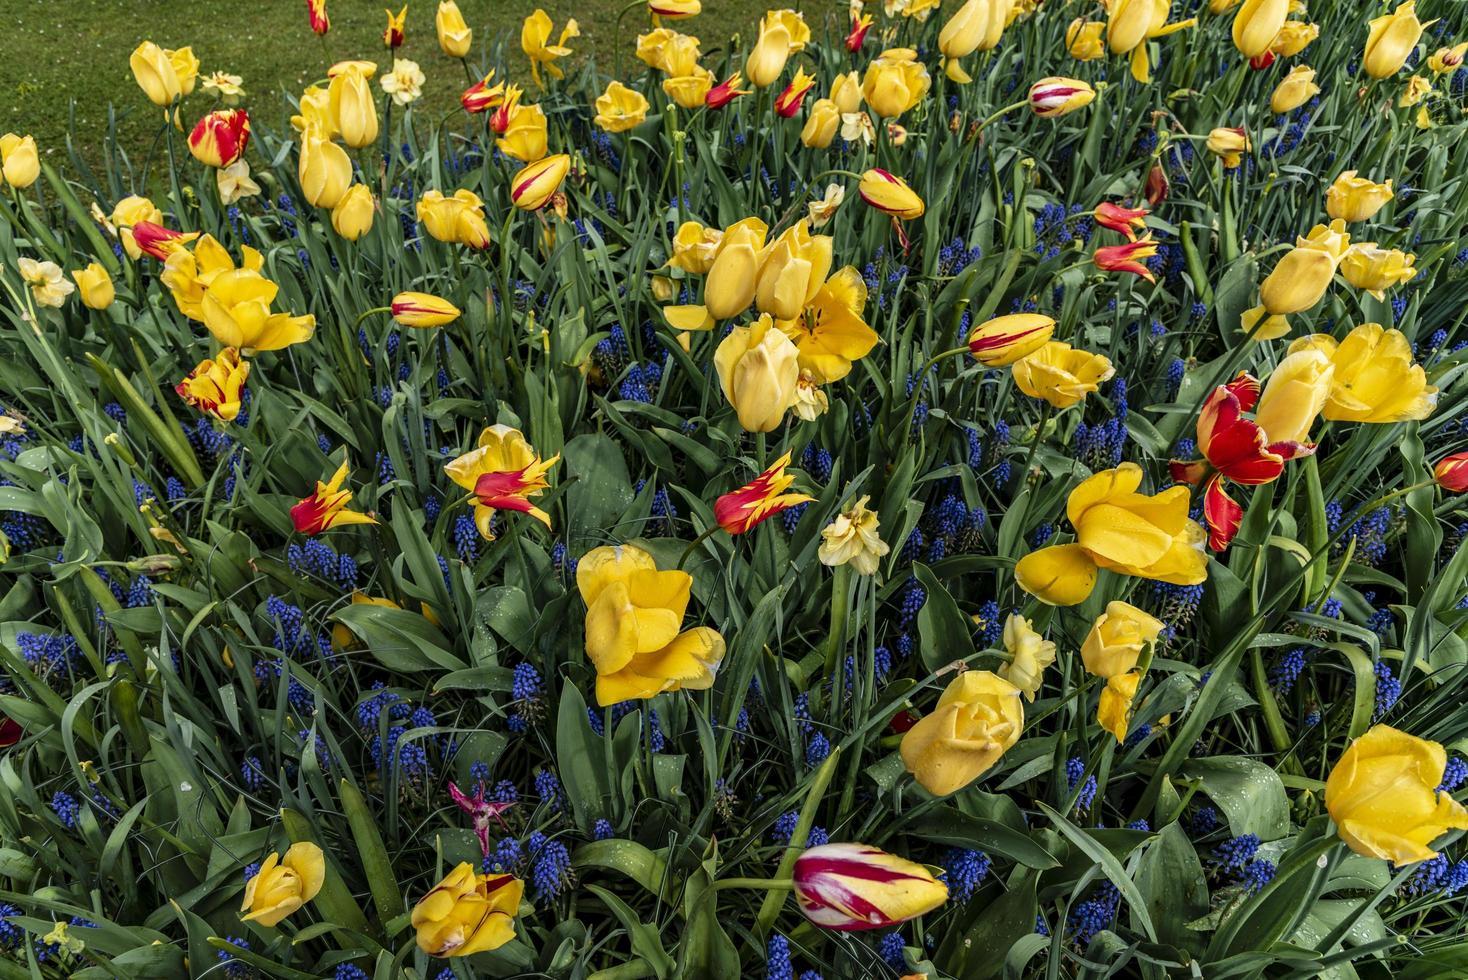 iris jaunes, rouges et bleus dans un champ photo